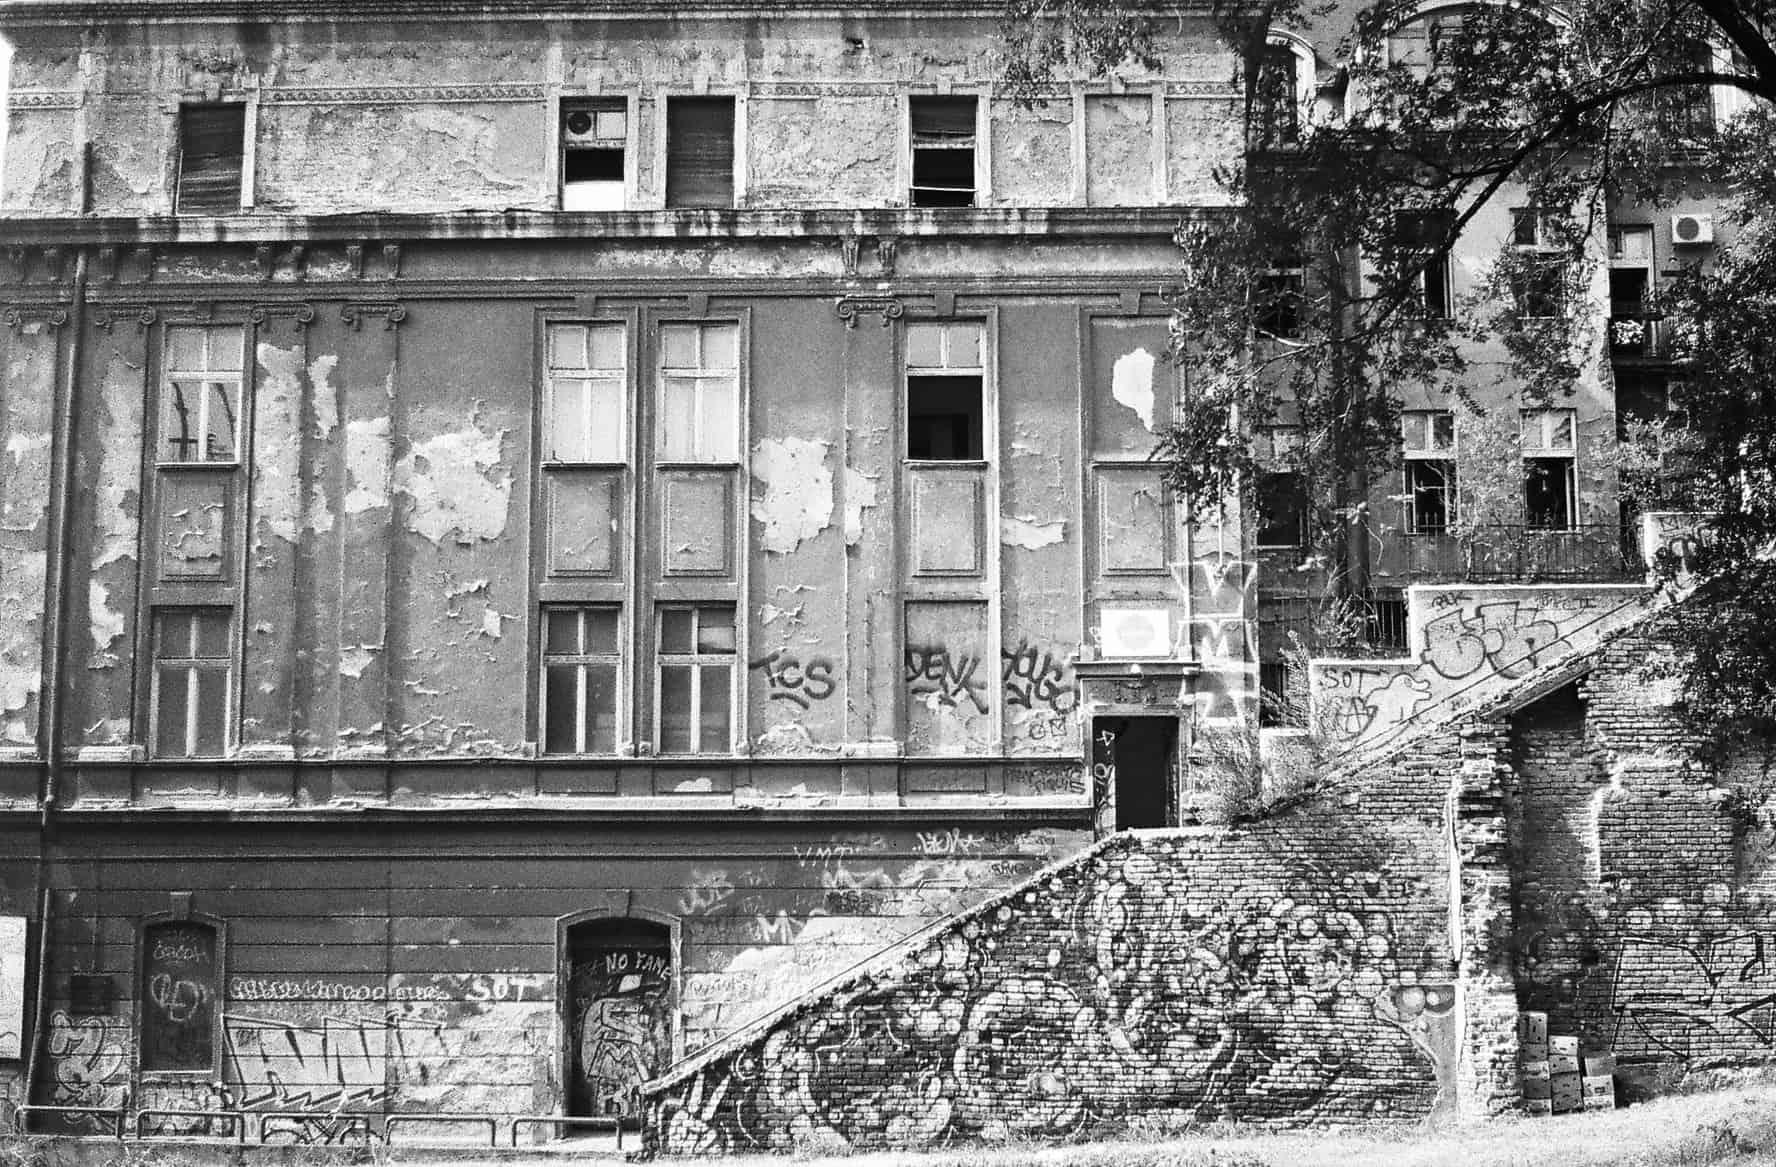 Belgrade Crumbling